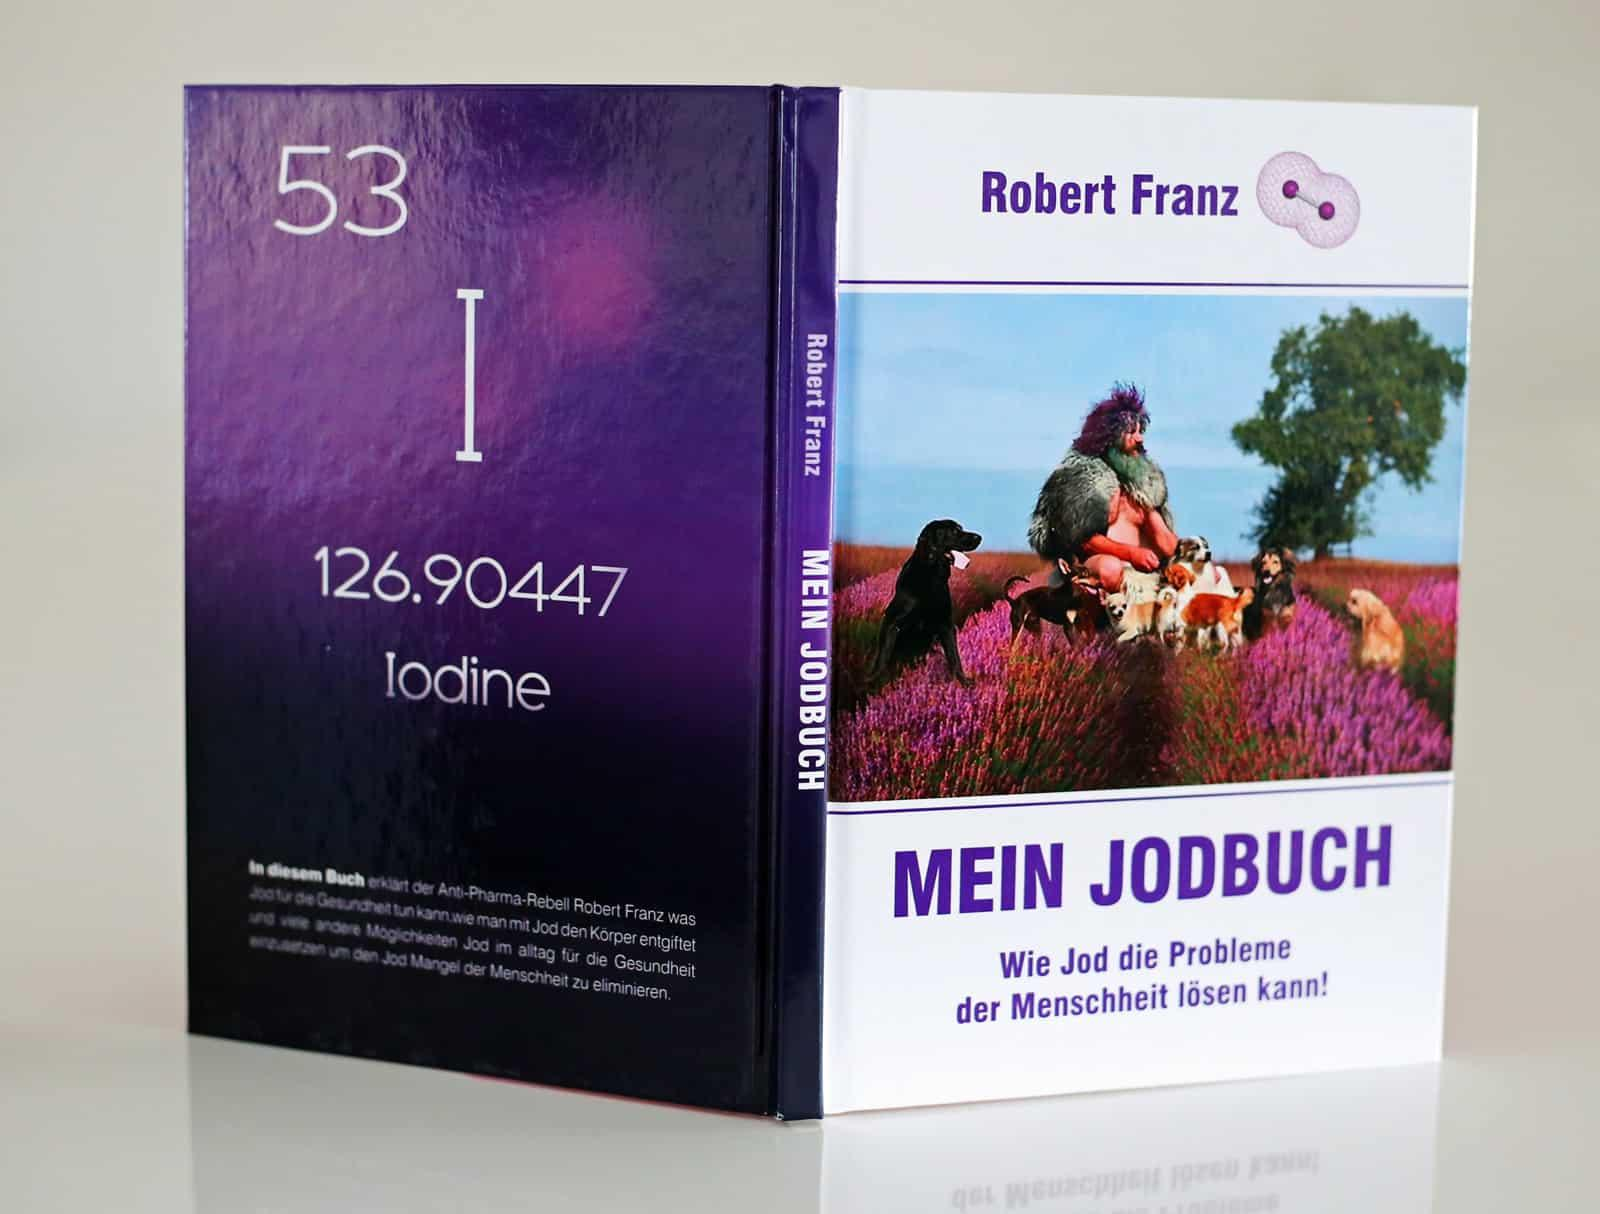 Details Zu Robert Franz Mein Jodbuch Wie Jod Die Probleme Der Menschheit Lösen Kann Iod